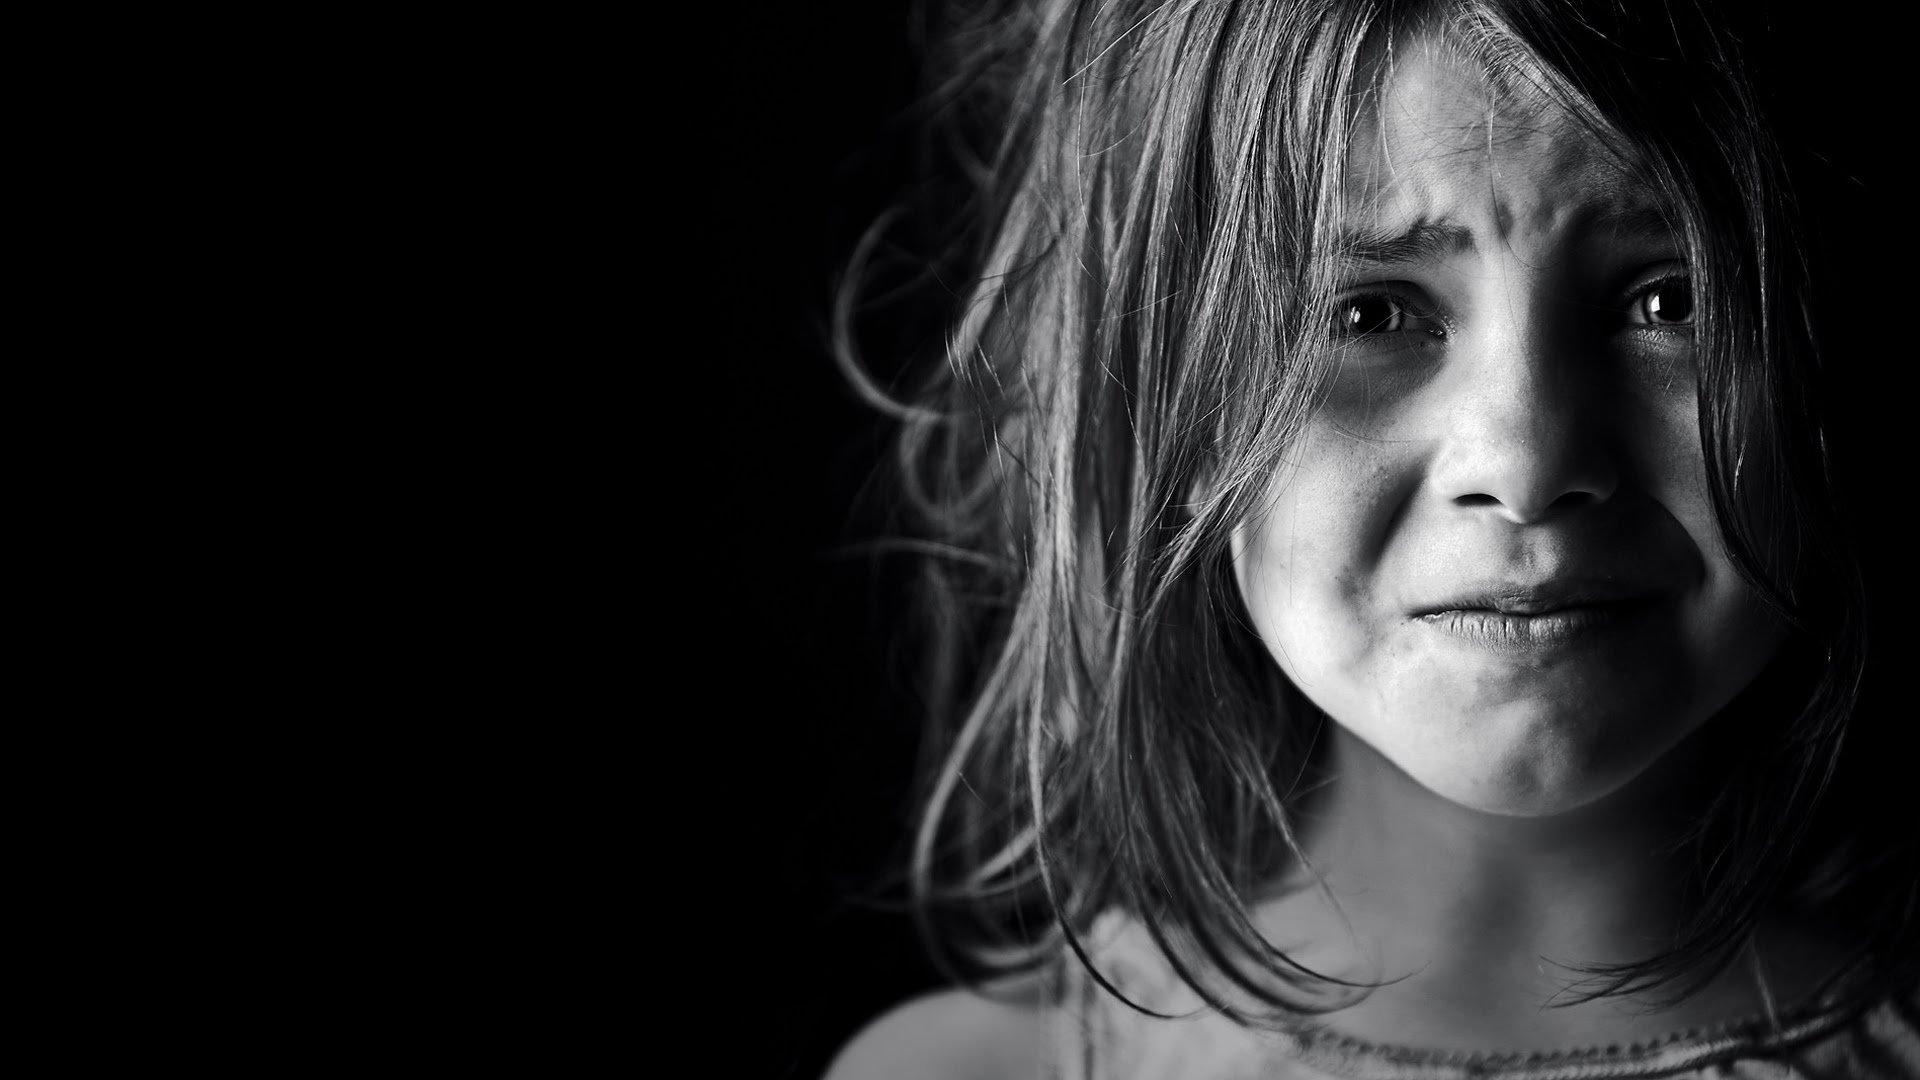 Маленькая девочка занялась сексом с видео